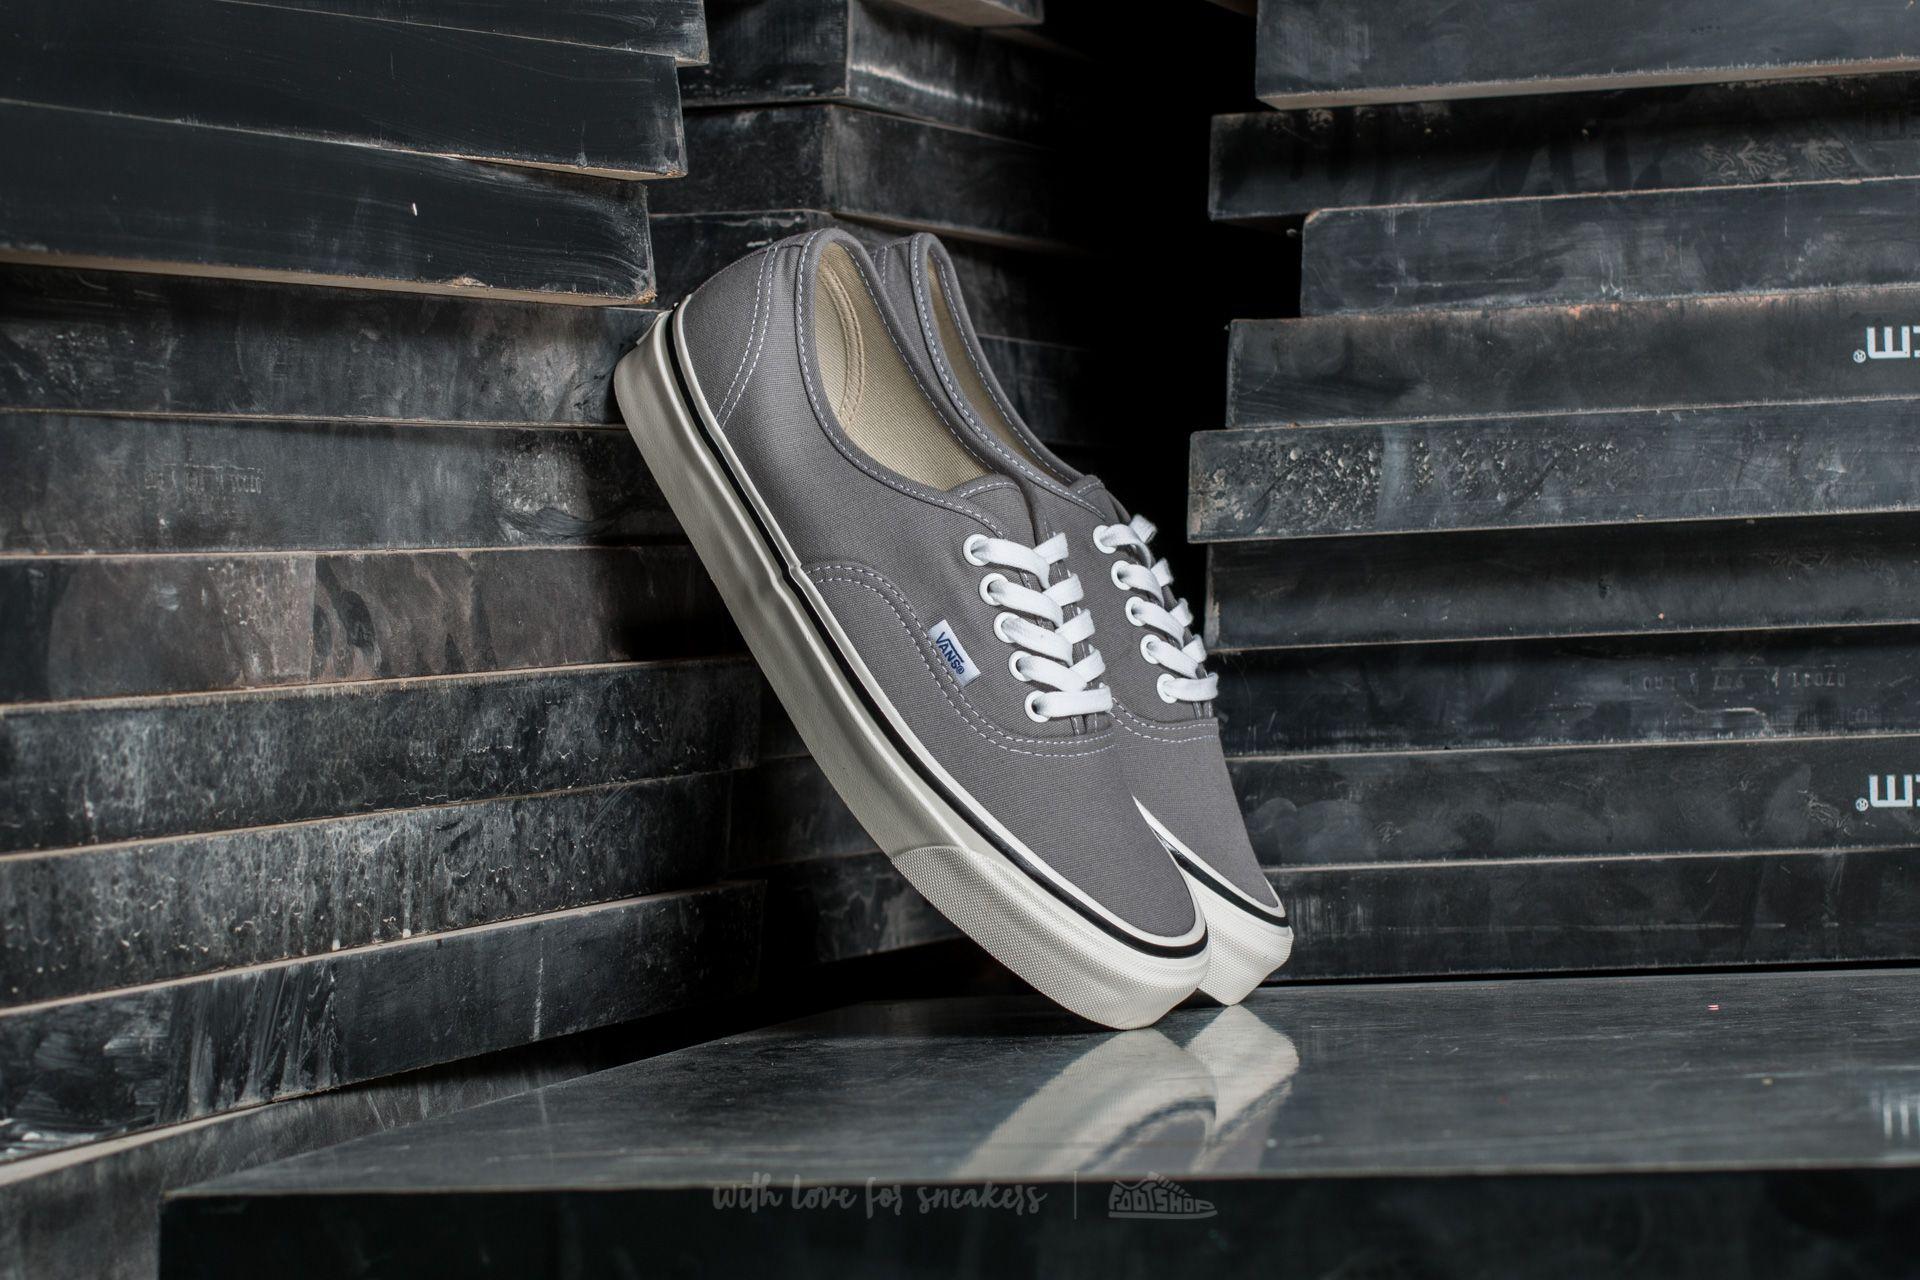 d9935386669 Vans Authentic 44 DX (Anaheim Factory) Light Grey